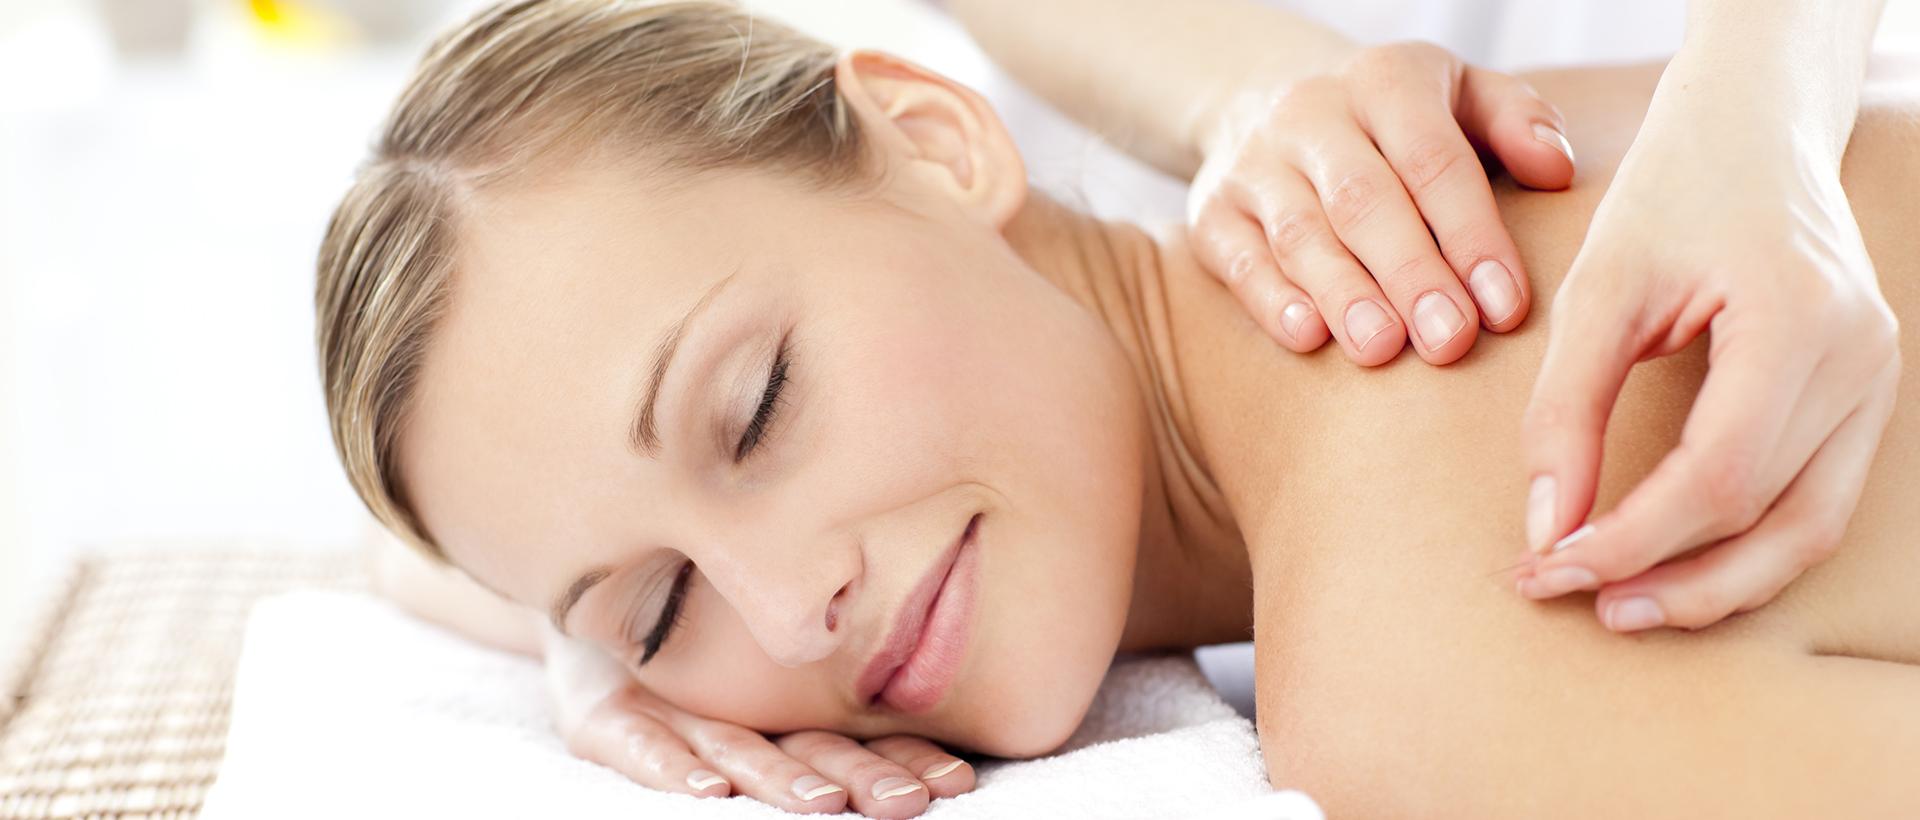 Θεραπεία και ανακούφιση με τη δράση της βελόνας